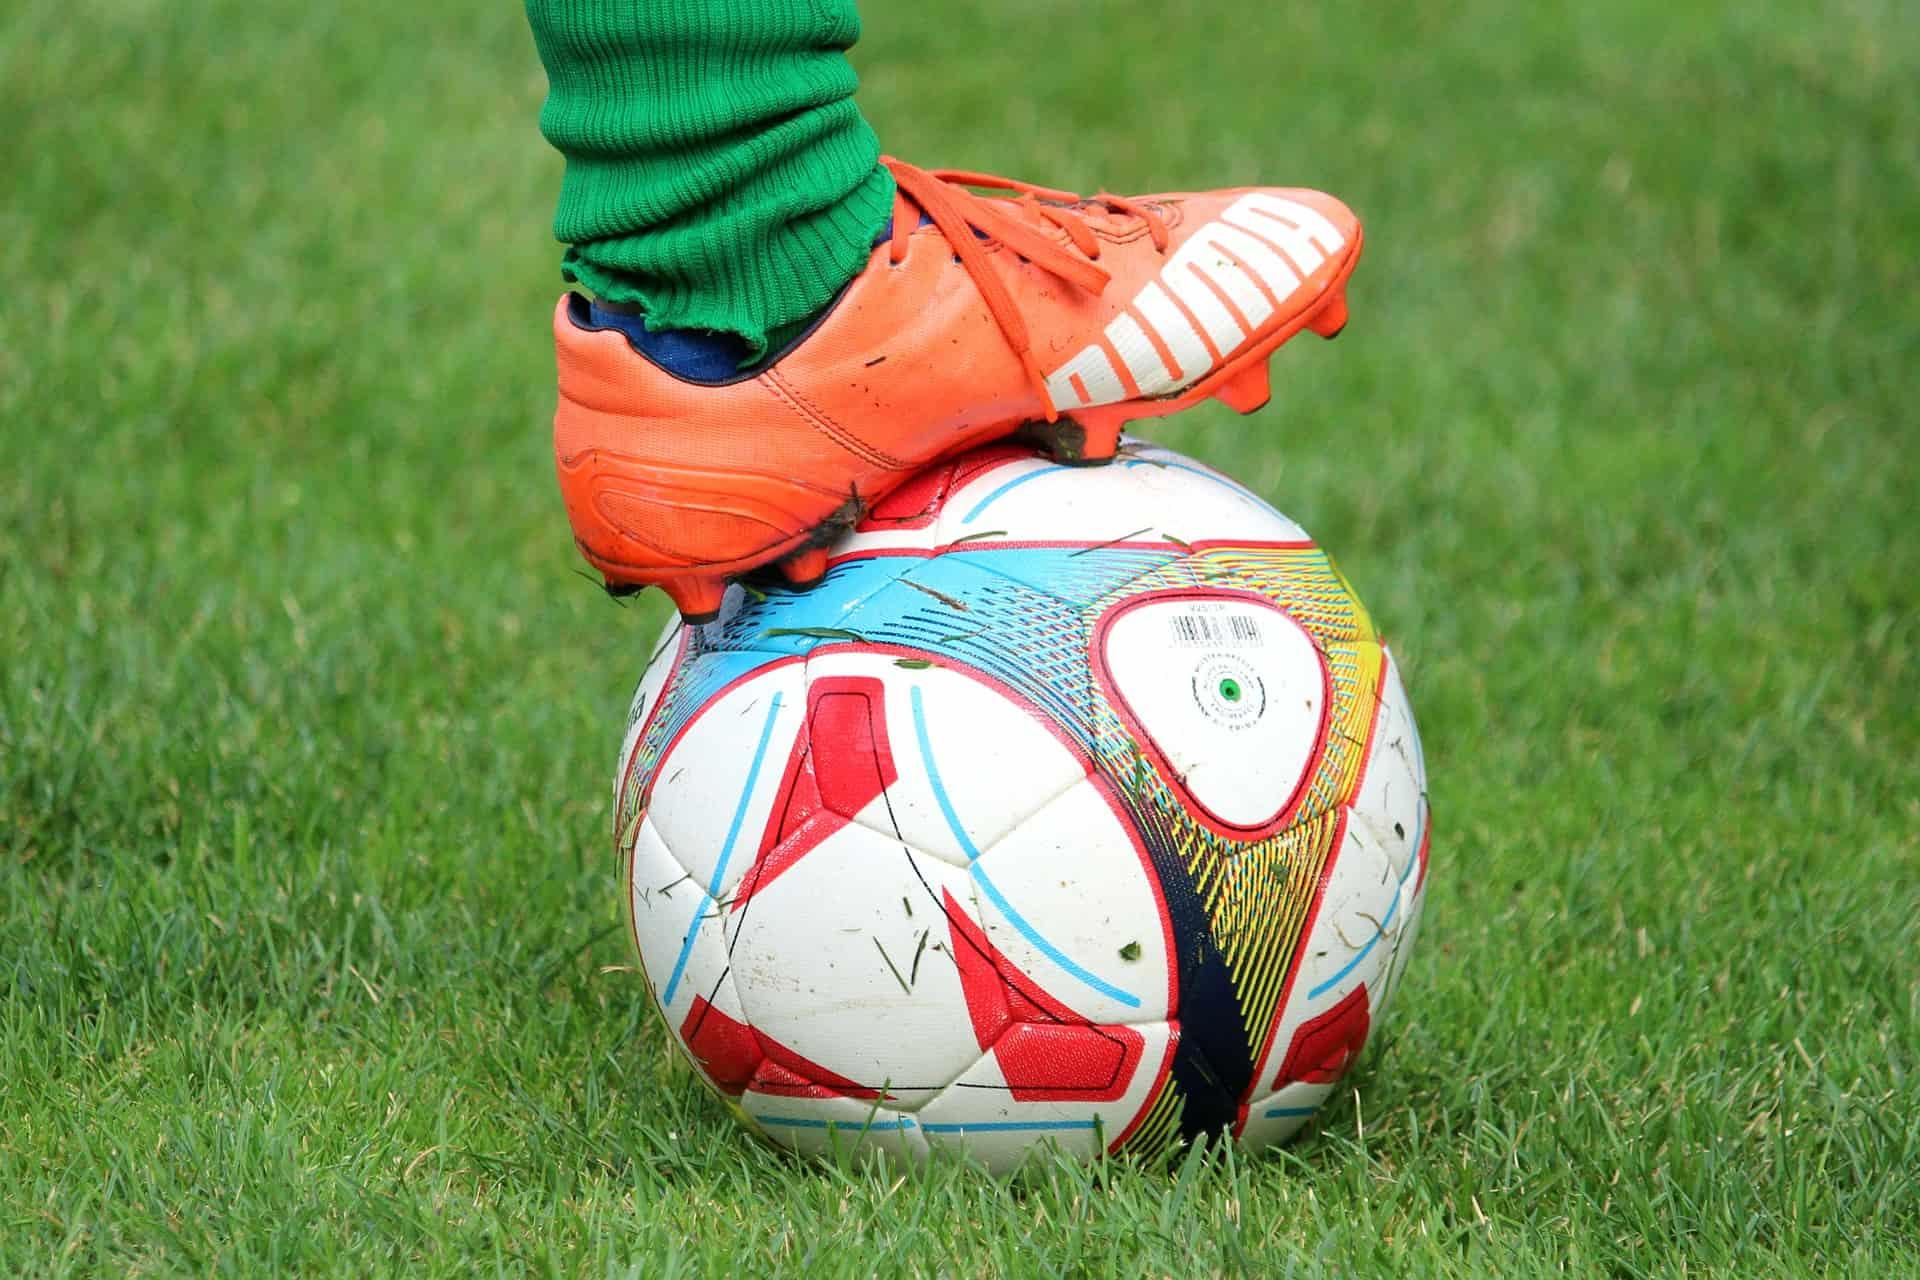 Fußballschuhe: Test & Empfehlungen (01/21)